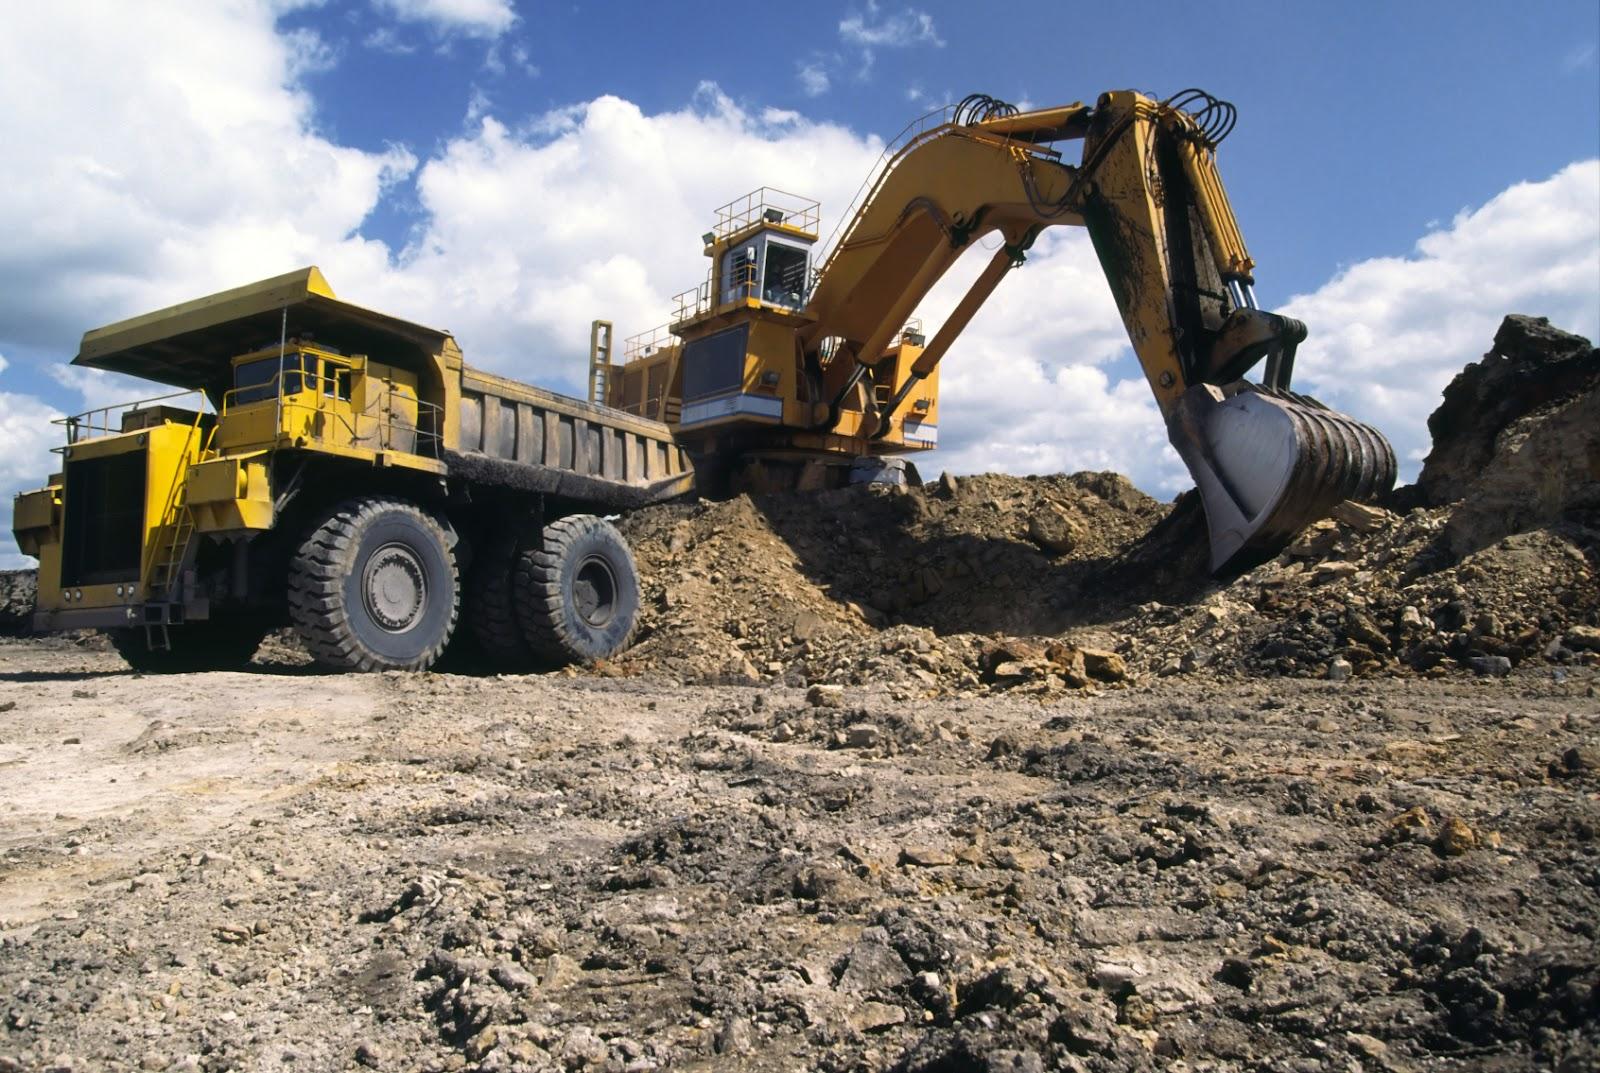 Acorn Global Blog: Australian mining is still going strong